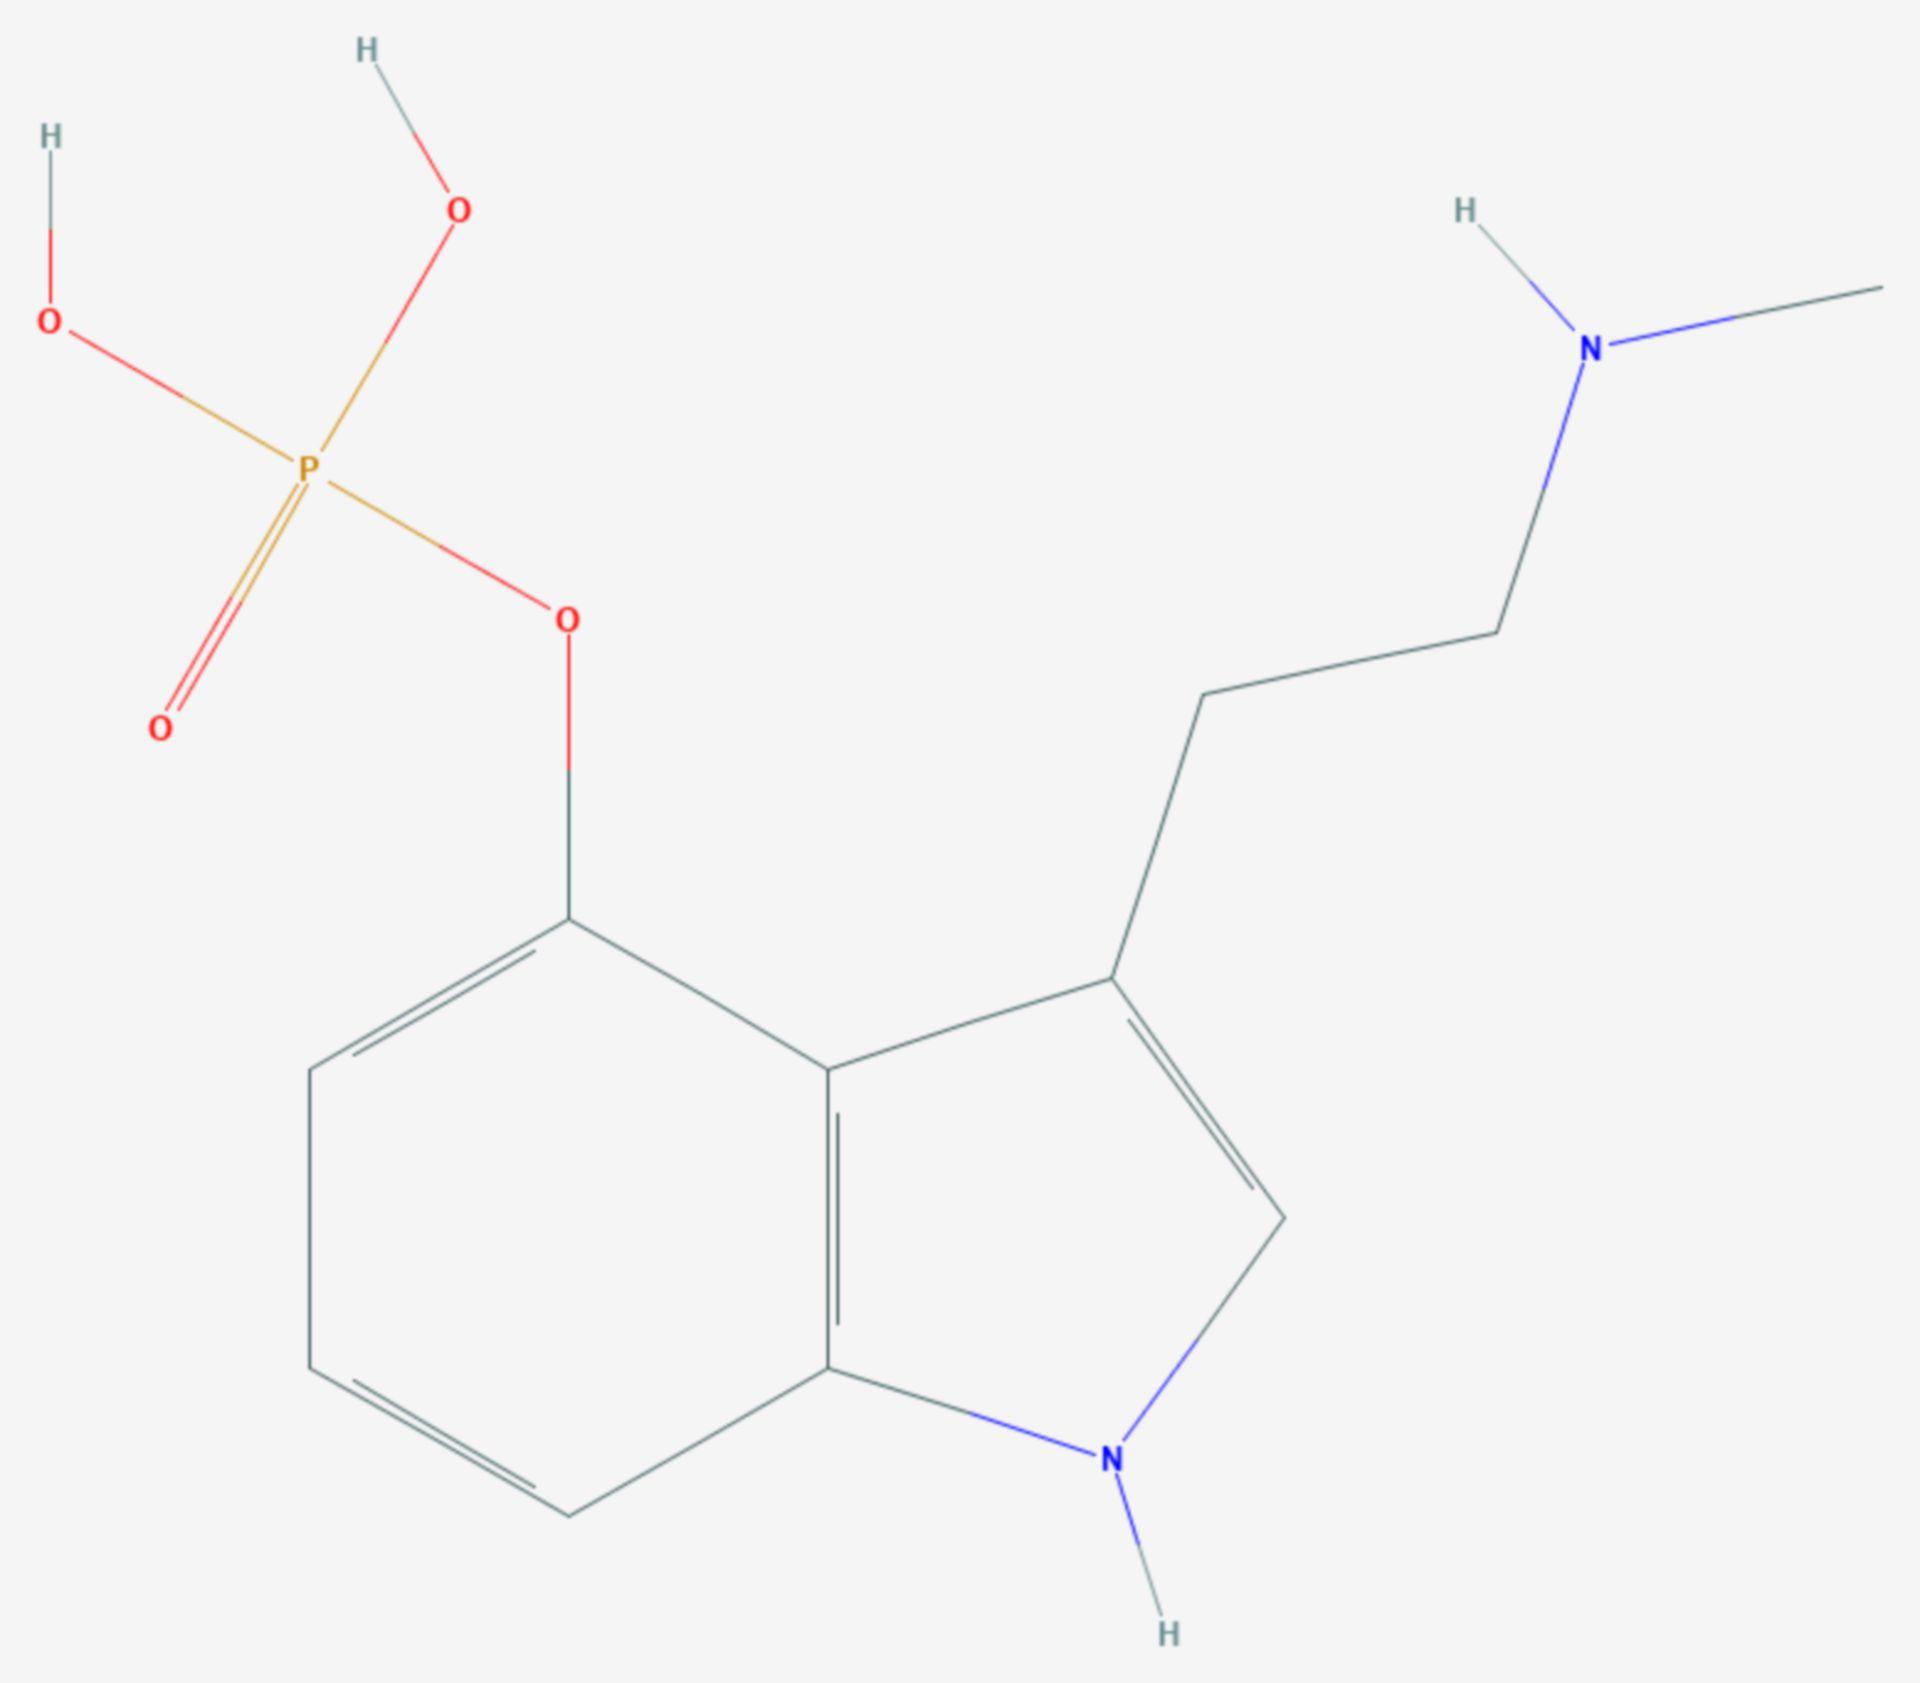 Baeocystin (Strukturformel)